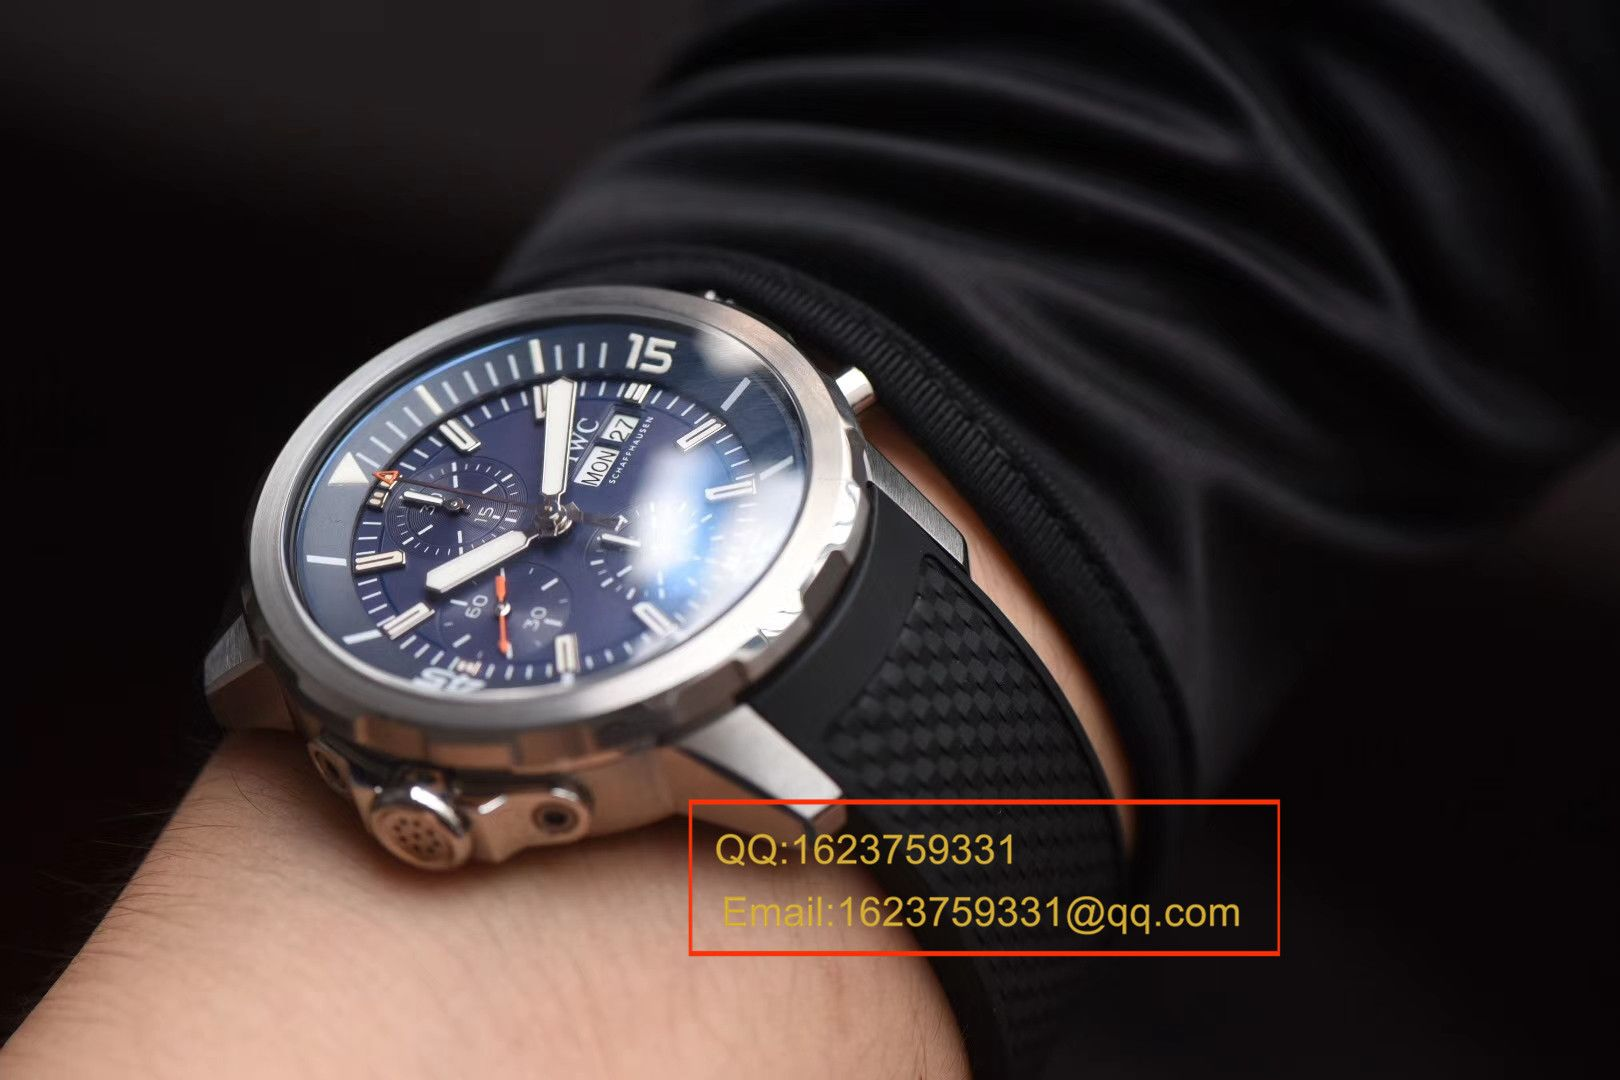 【独家视频测评V6厂顶级复刻手表】万国海洋时计系列IW376805蓝面腕表 / WGBD307